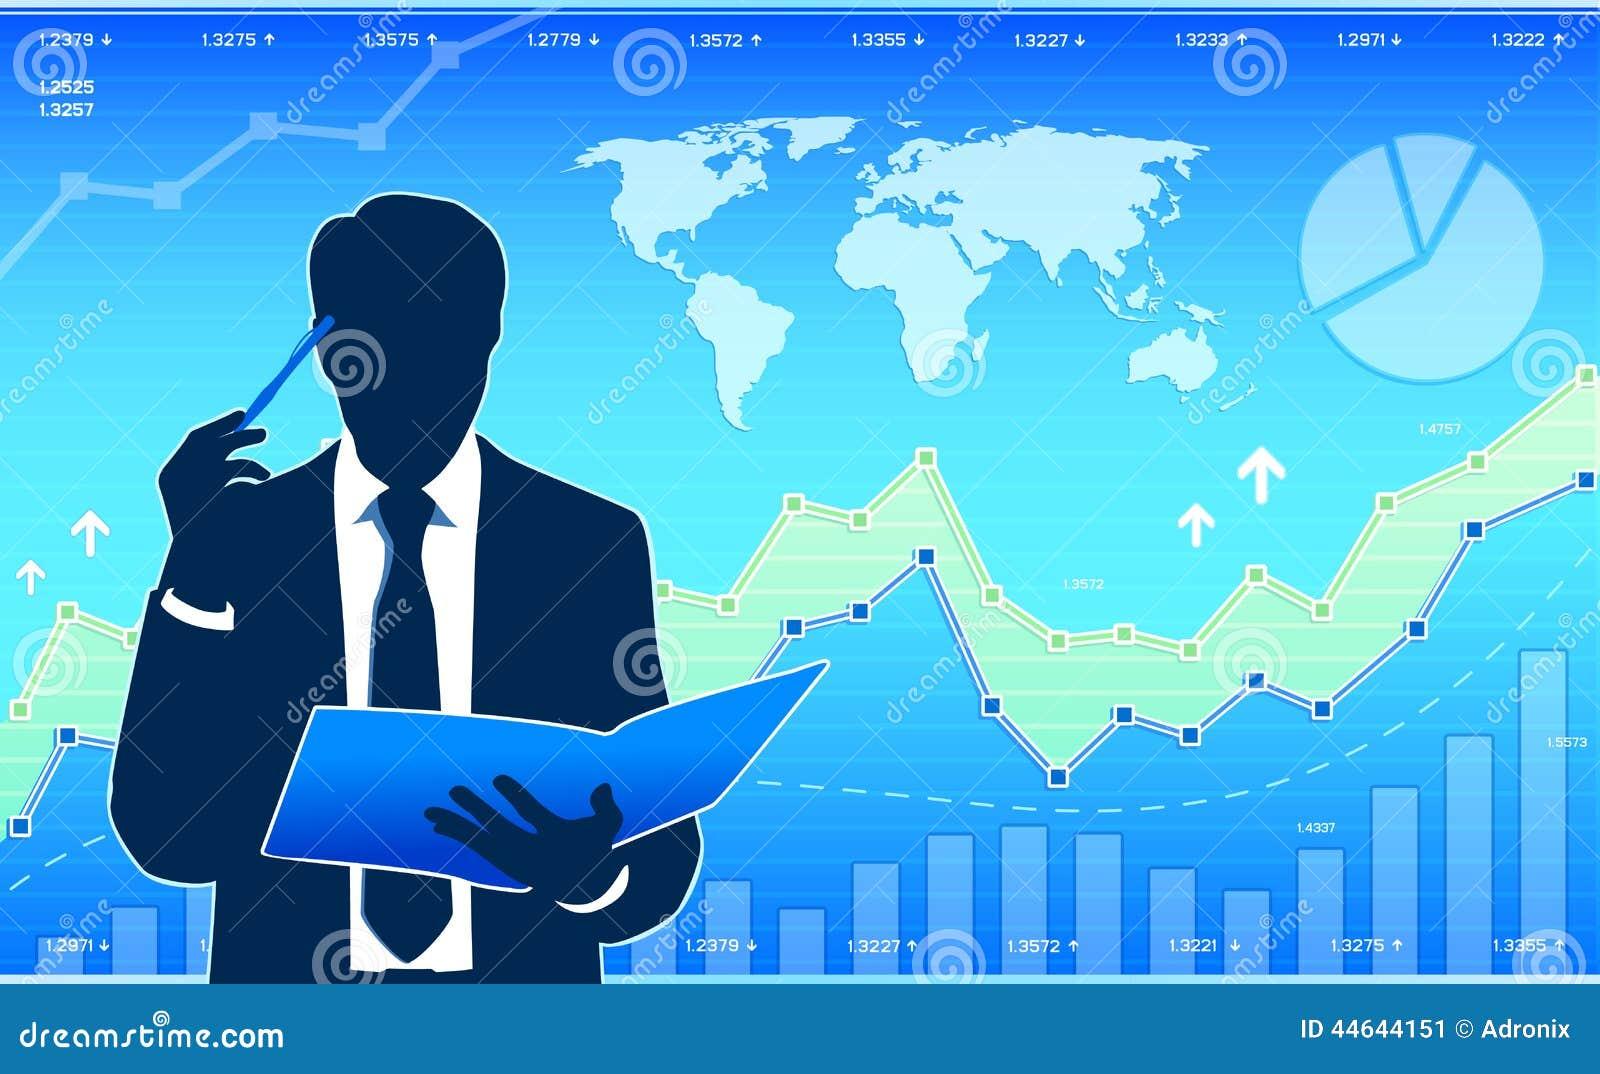 analyste d u0026 39 affaires illustration de vecteur  illustration du proc u00e8s